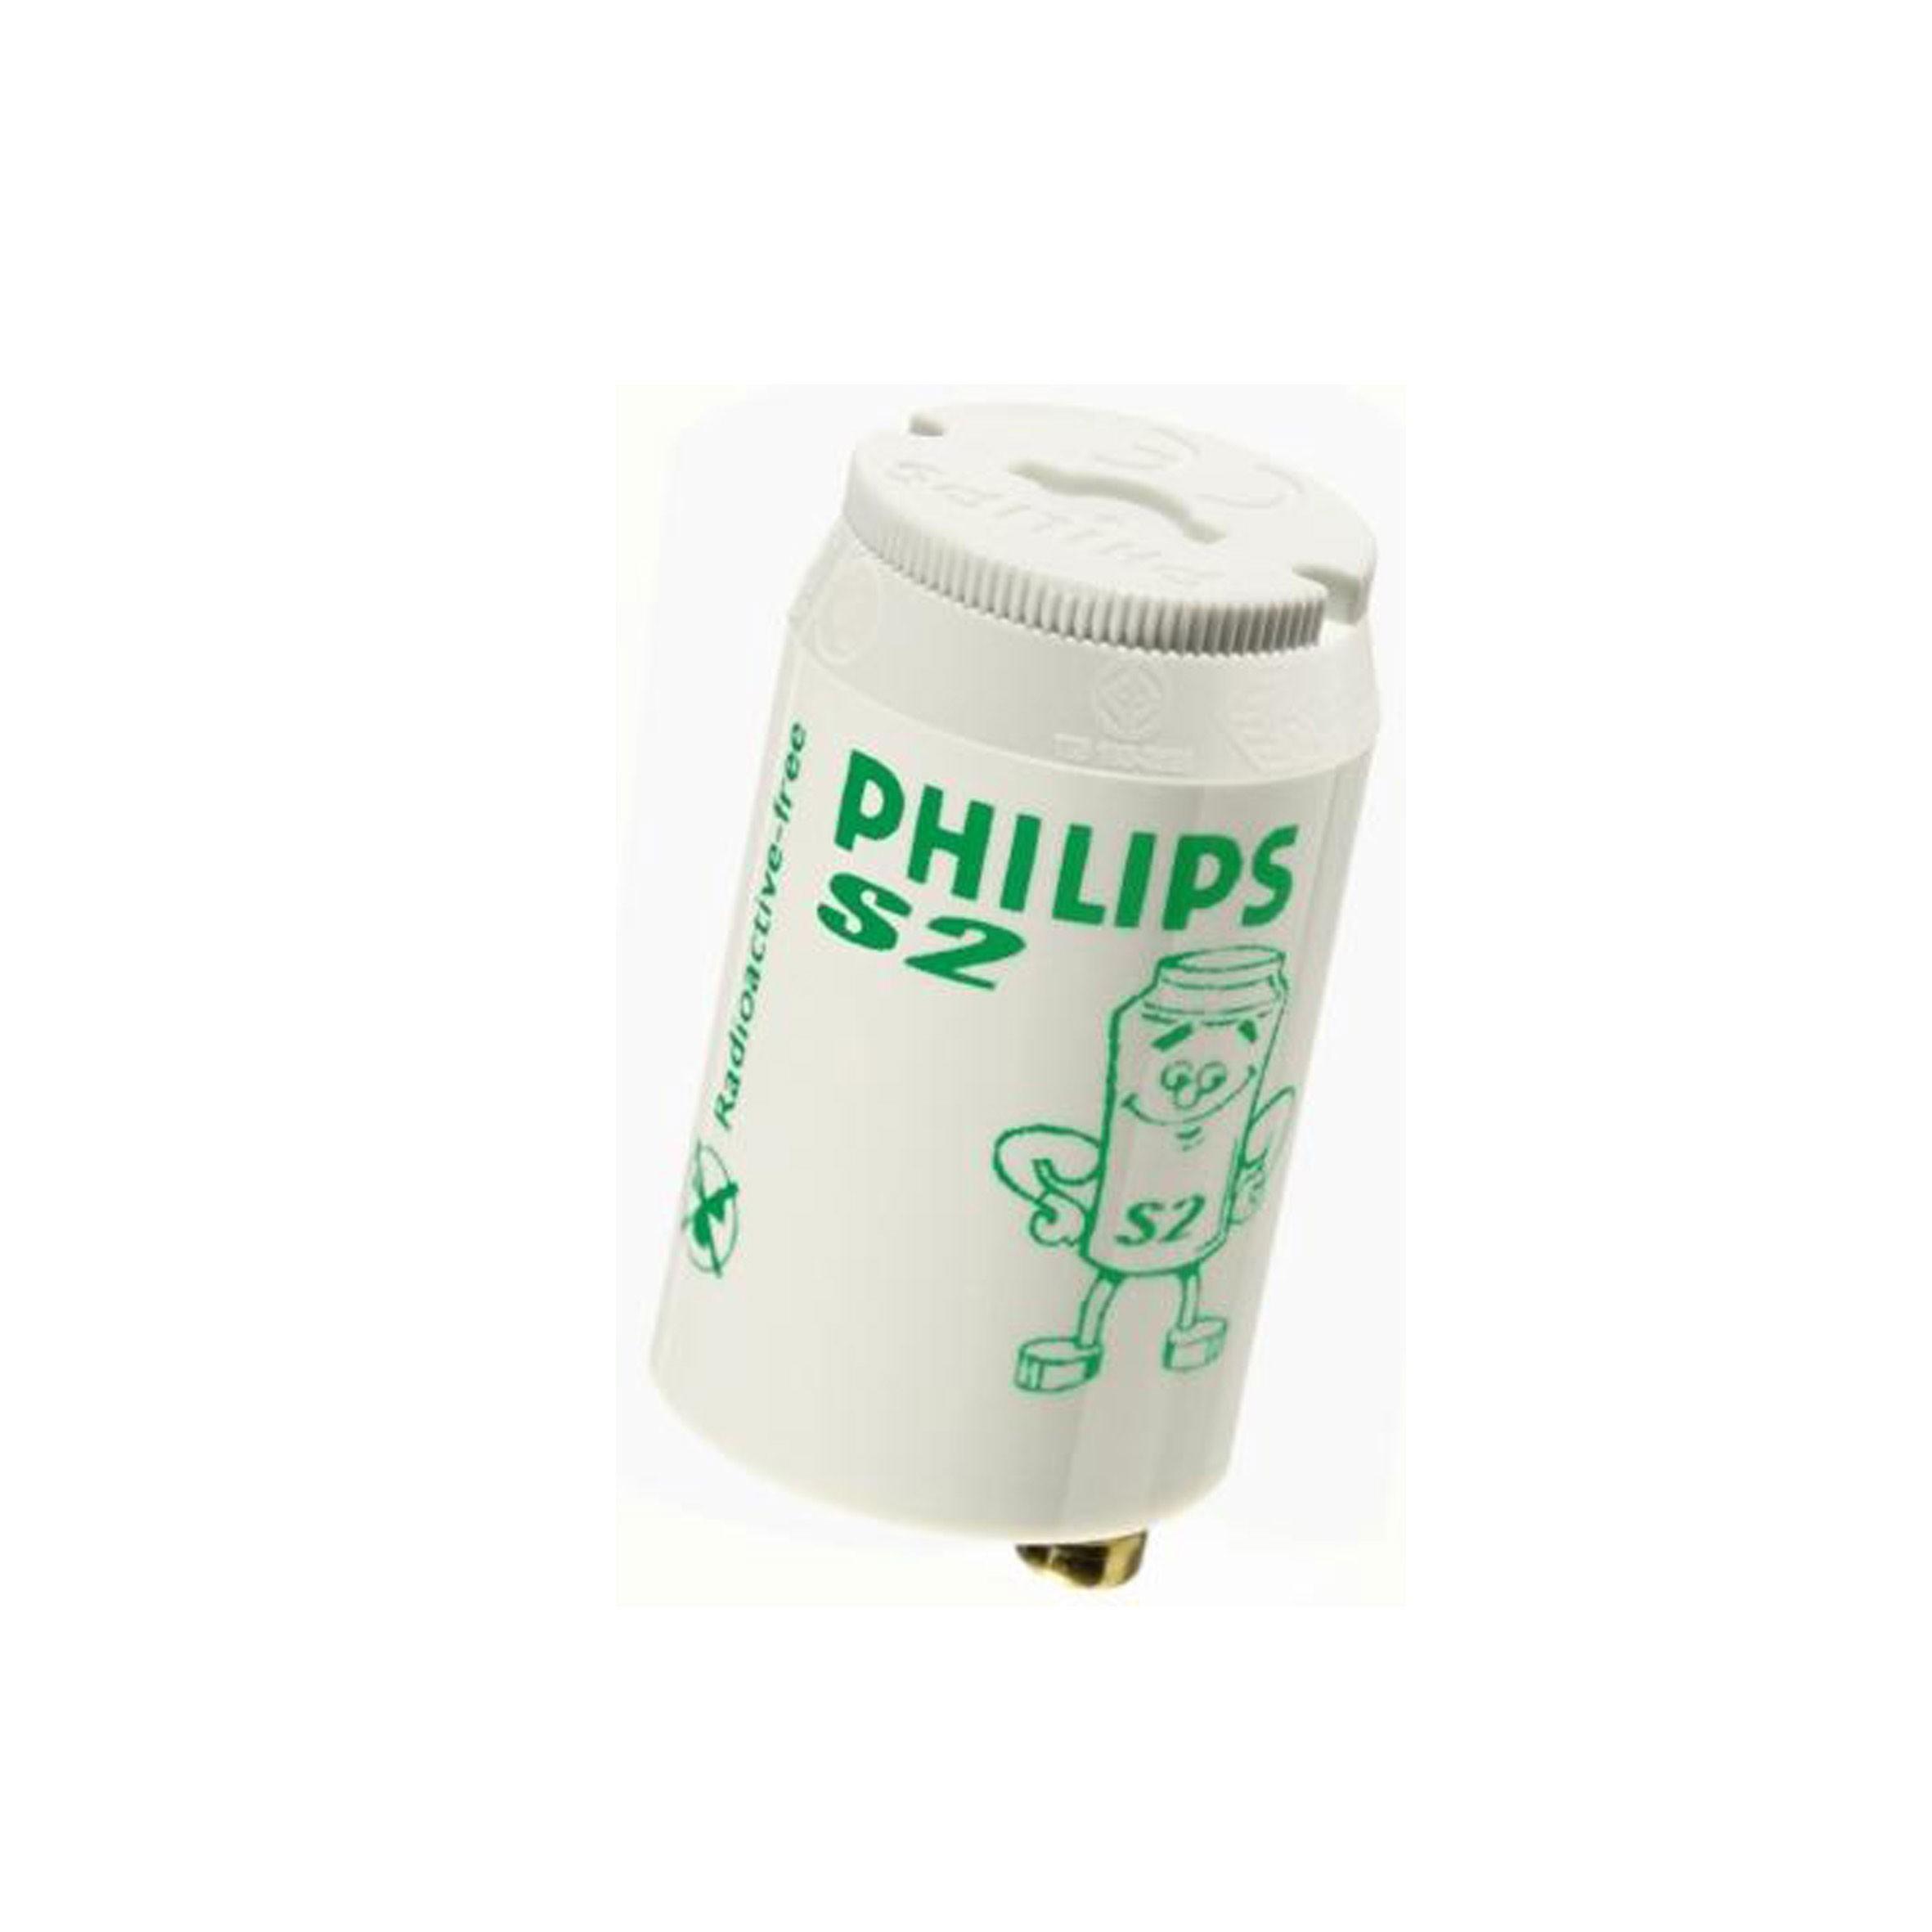 Philips Starter S2 4/22Watt 2 Stück Bild 1